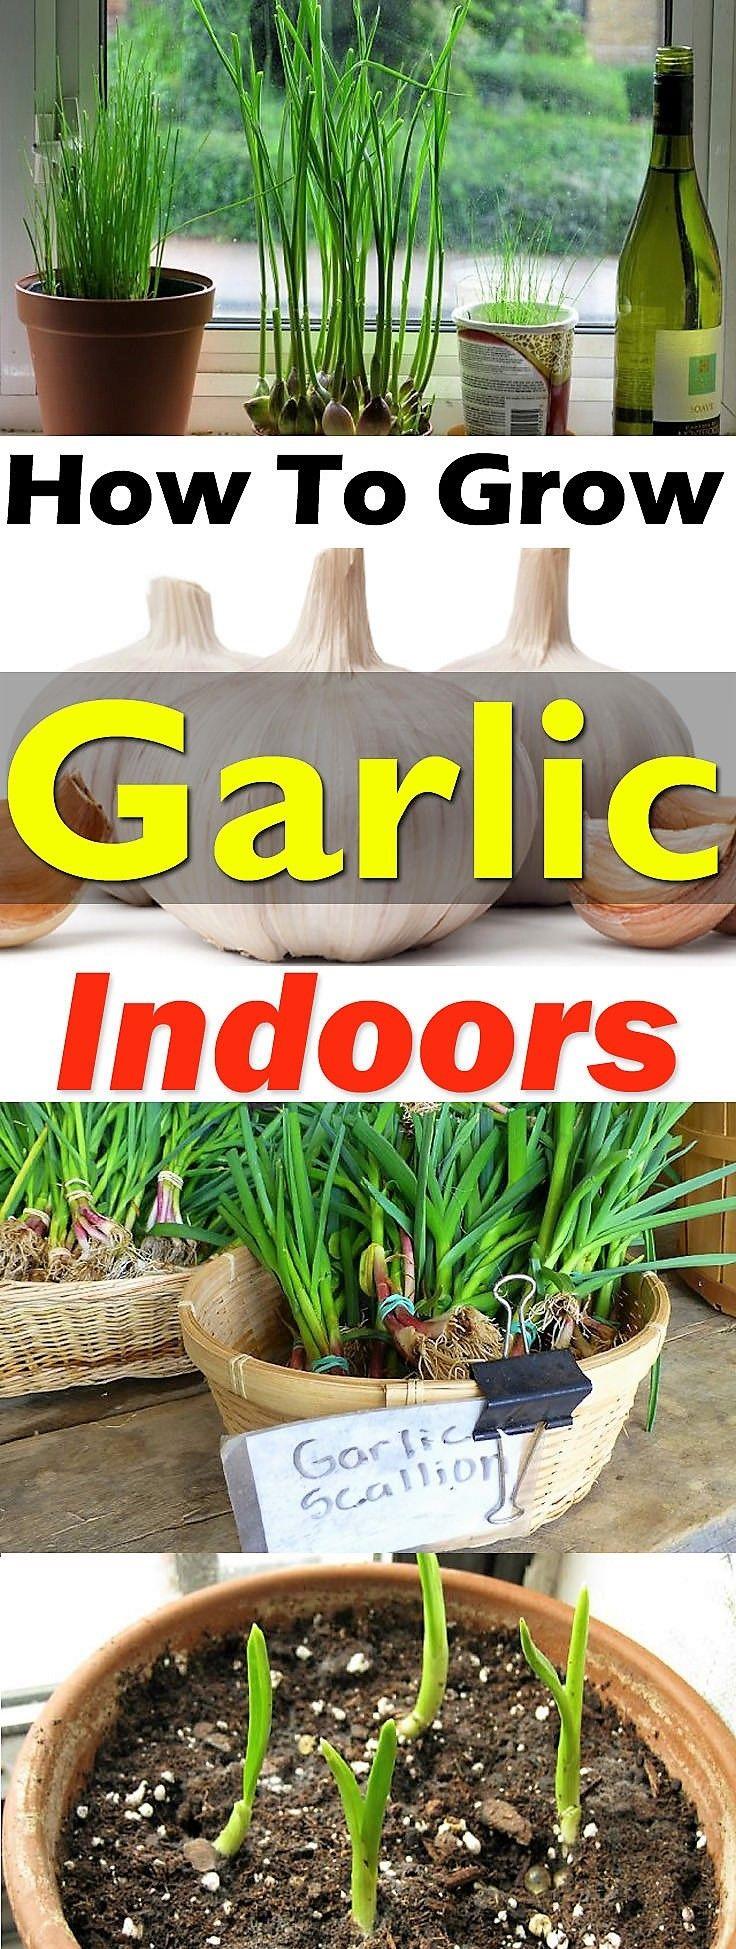 how to grow garlic indoors growing garlic indoors diy gardening ideas pinterest garten. Black Bedroom Furniture Sets. Home Design Ideas